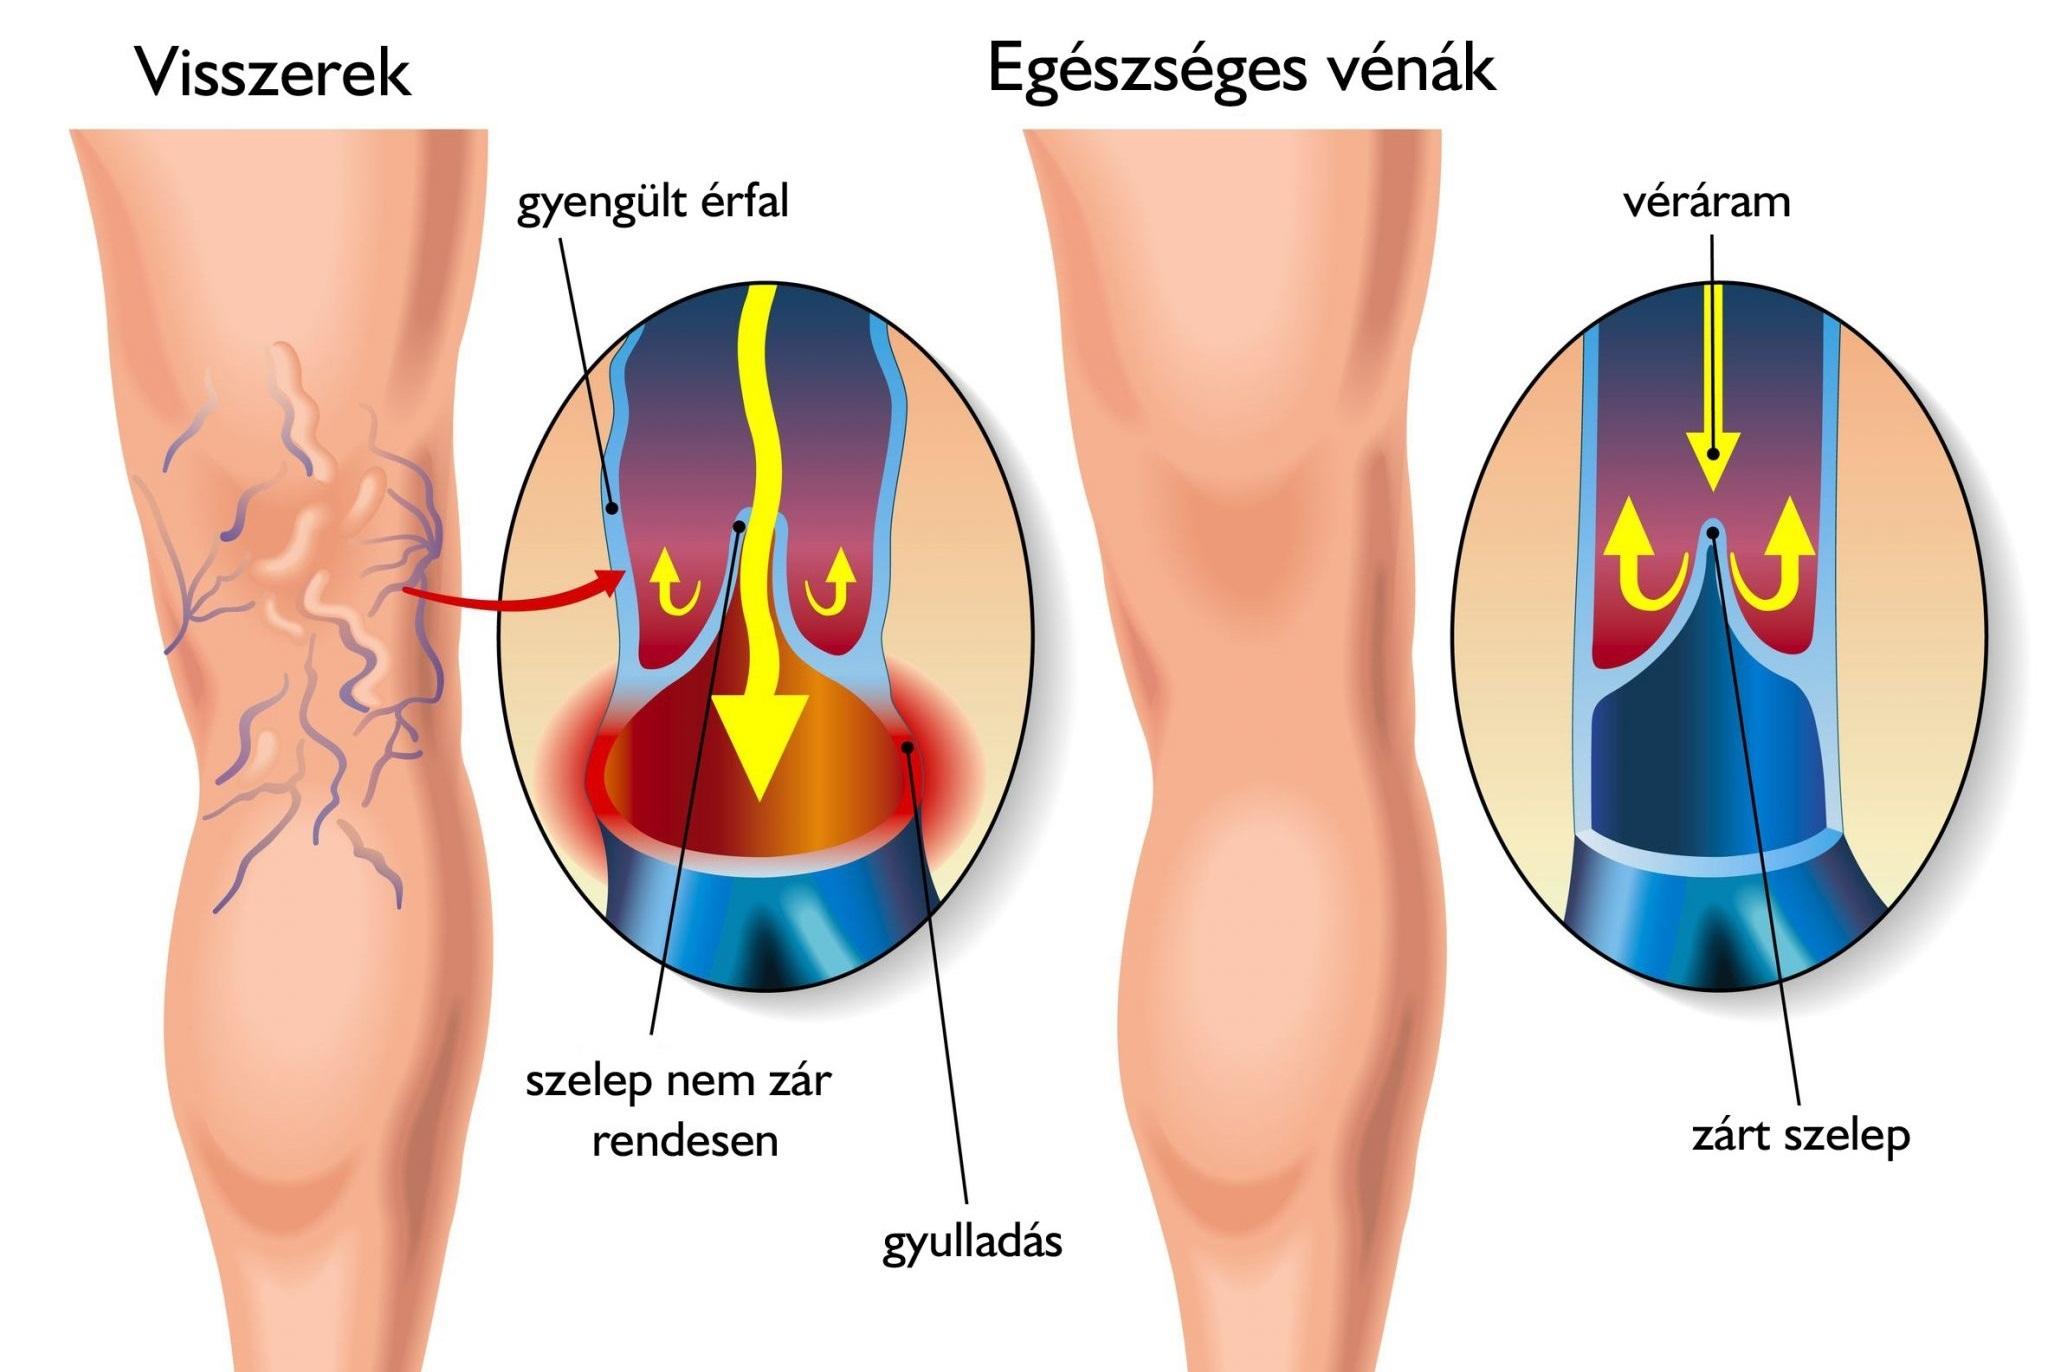 3 alkalmas eorsi.hu gépi nyirok és visszér masszázs